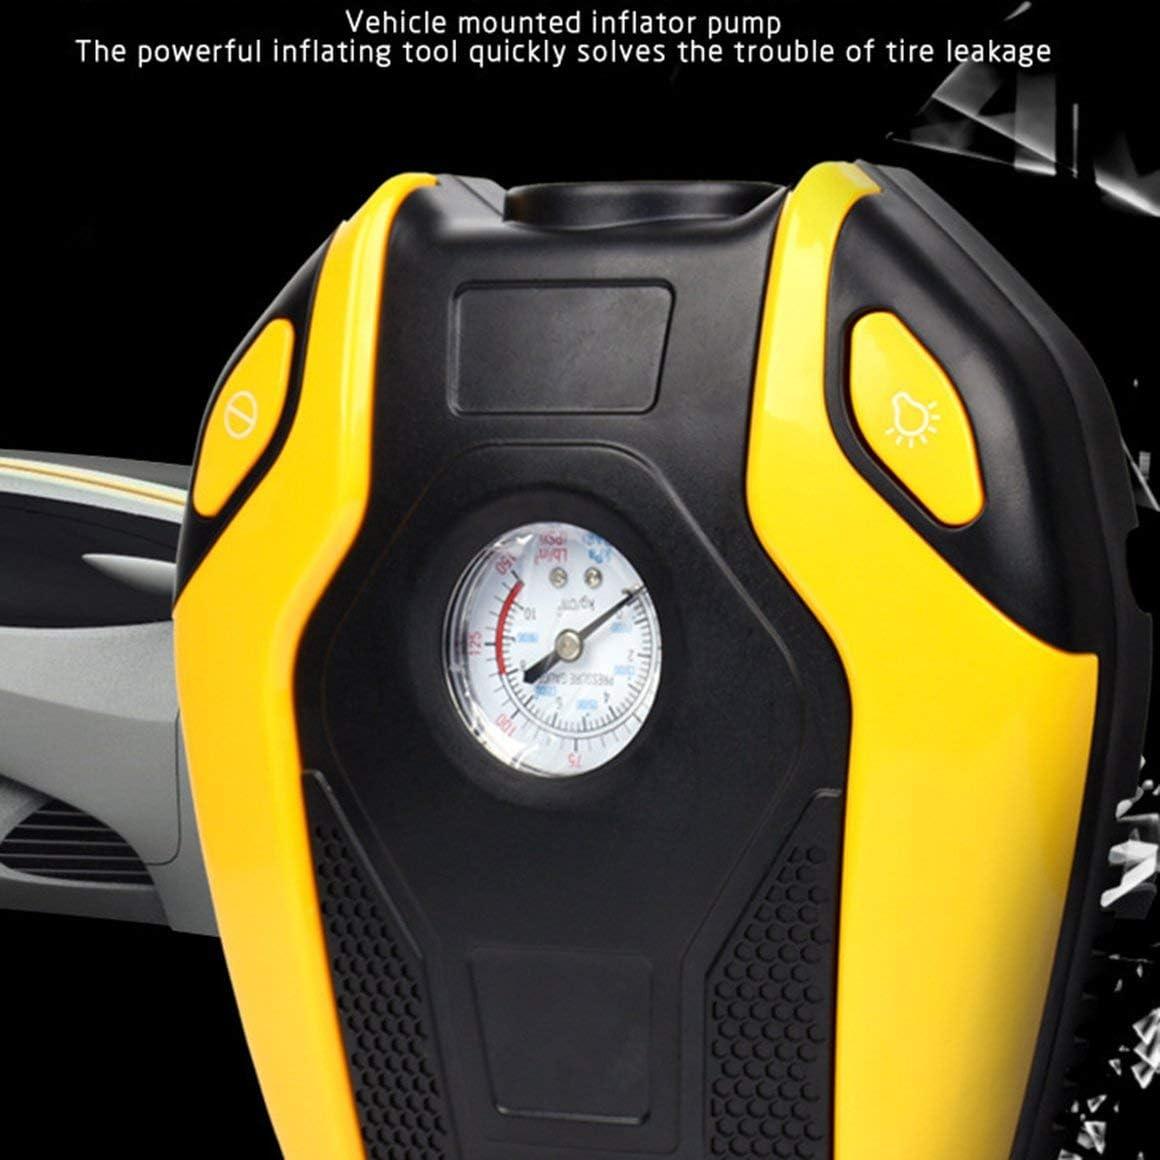 Funnyrunstore Compresseur dair gonflable de pompe de bicyclette de voiture daffichage num/érique de Digital 12V 220V de pompe de v/élo de pneu dautomobile de voiture /électrique